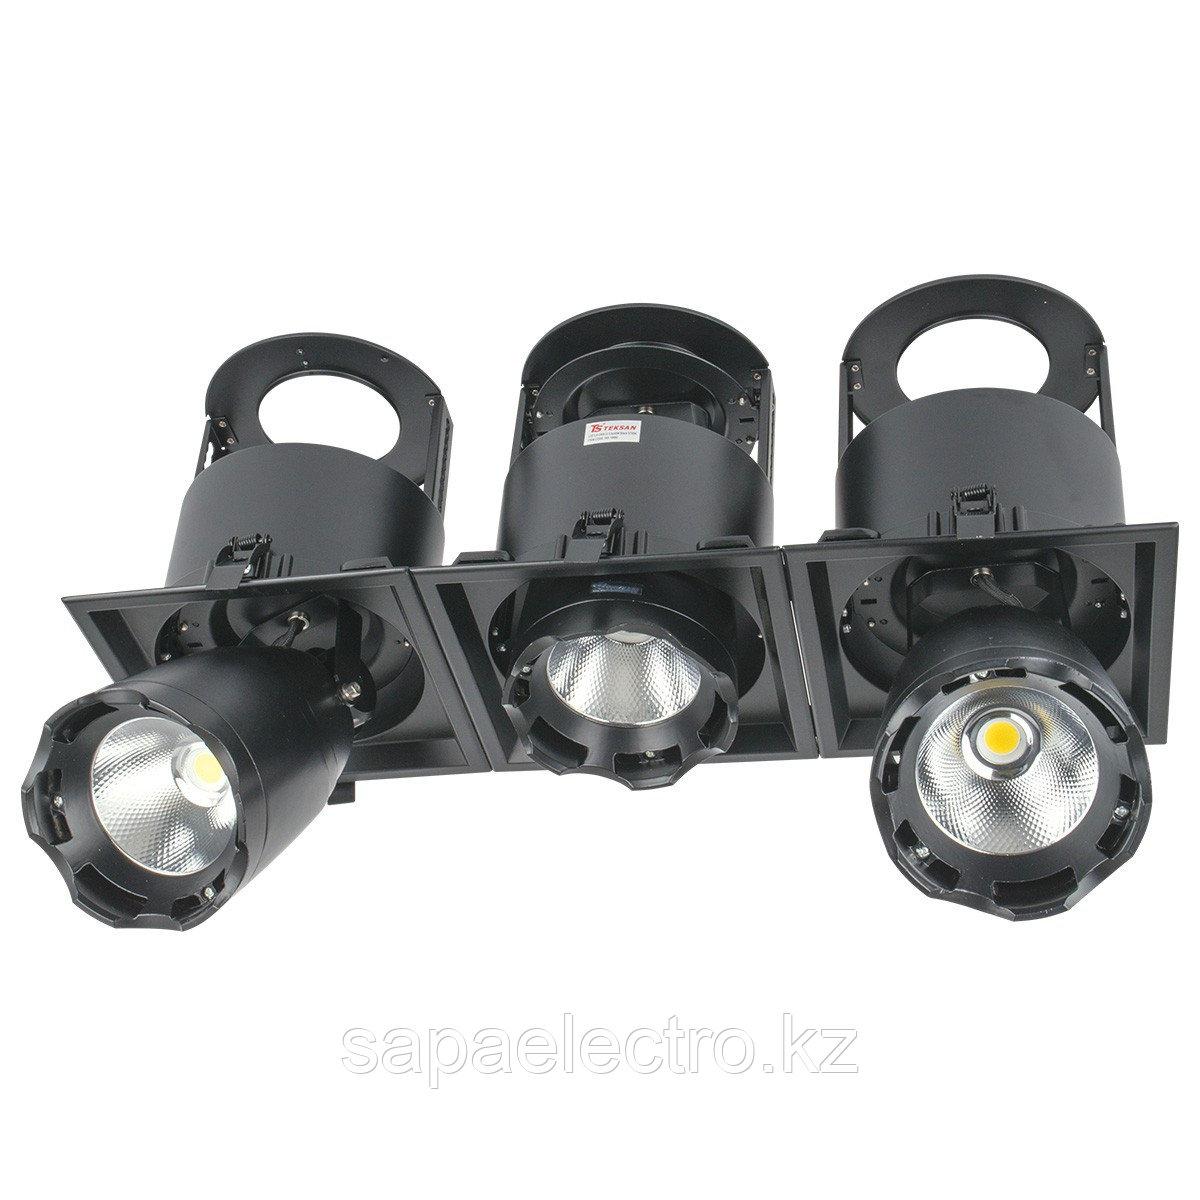 Свет-к DL LED LS-DK914-3 3x40W BLACK 5700K(TS)